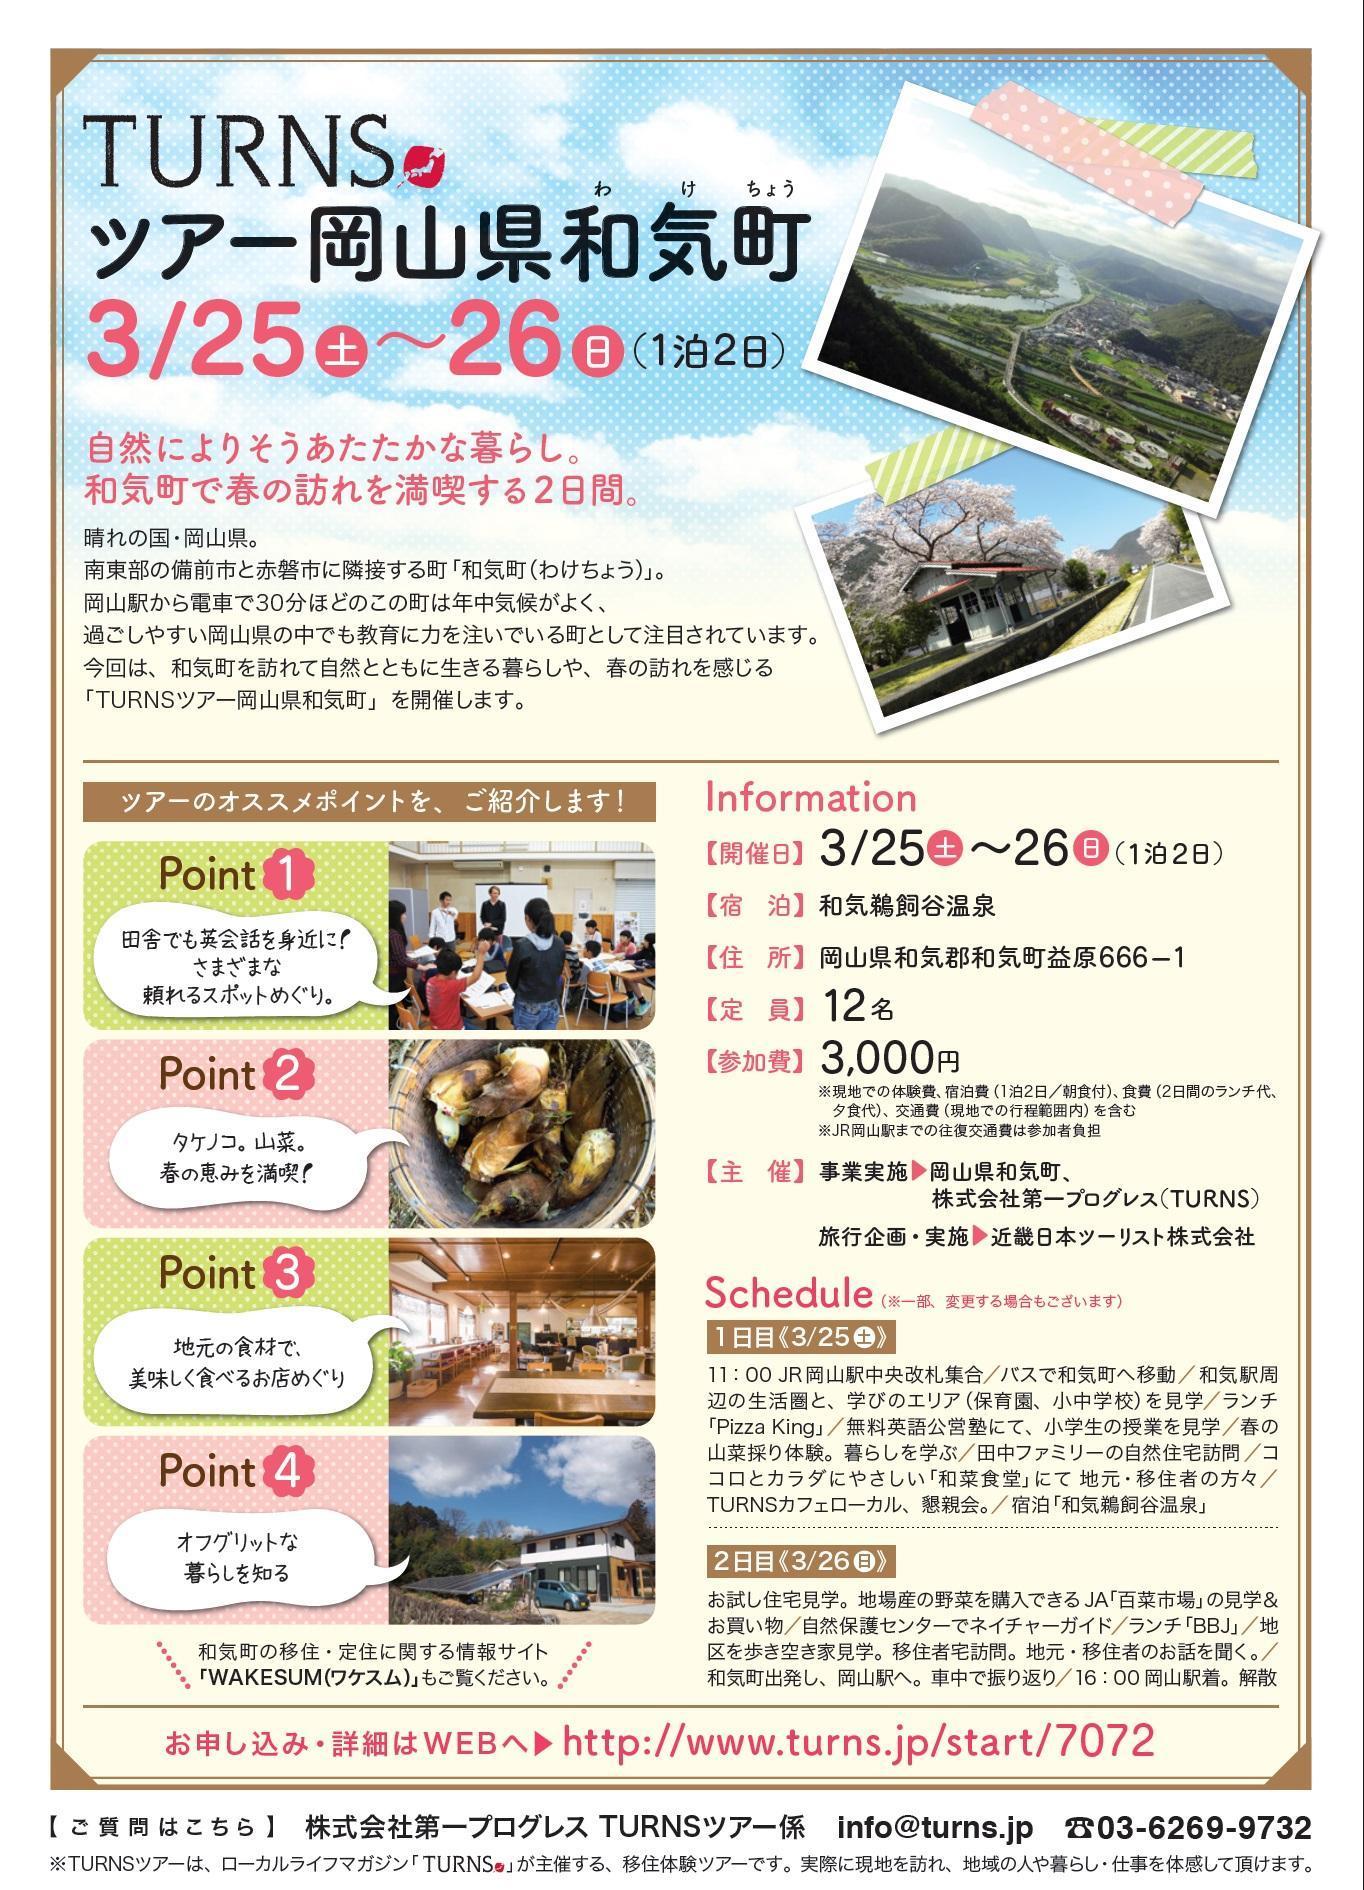 3/25~26移住体験ツアーを開催、参加者募集中です!